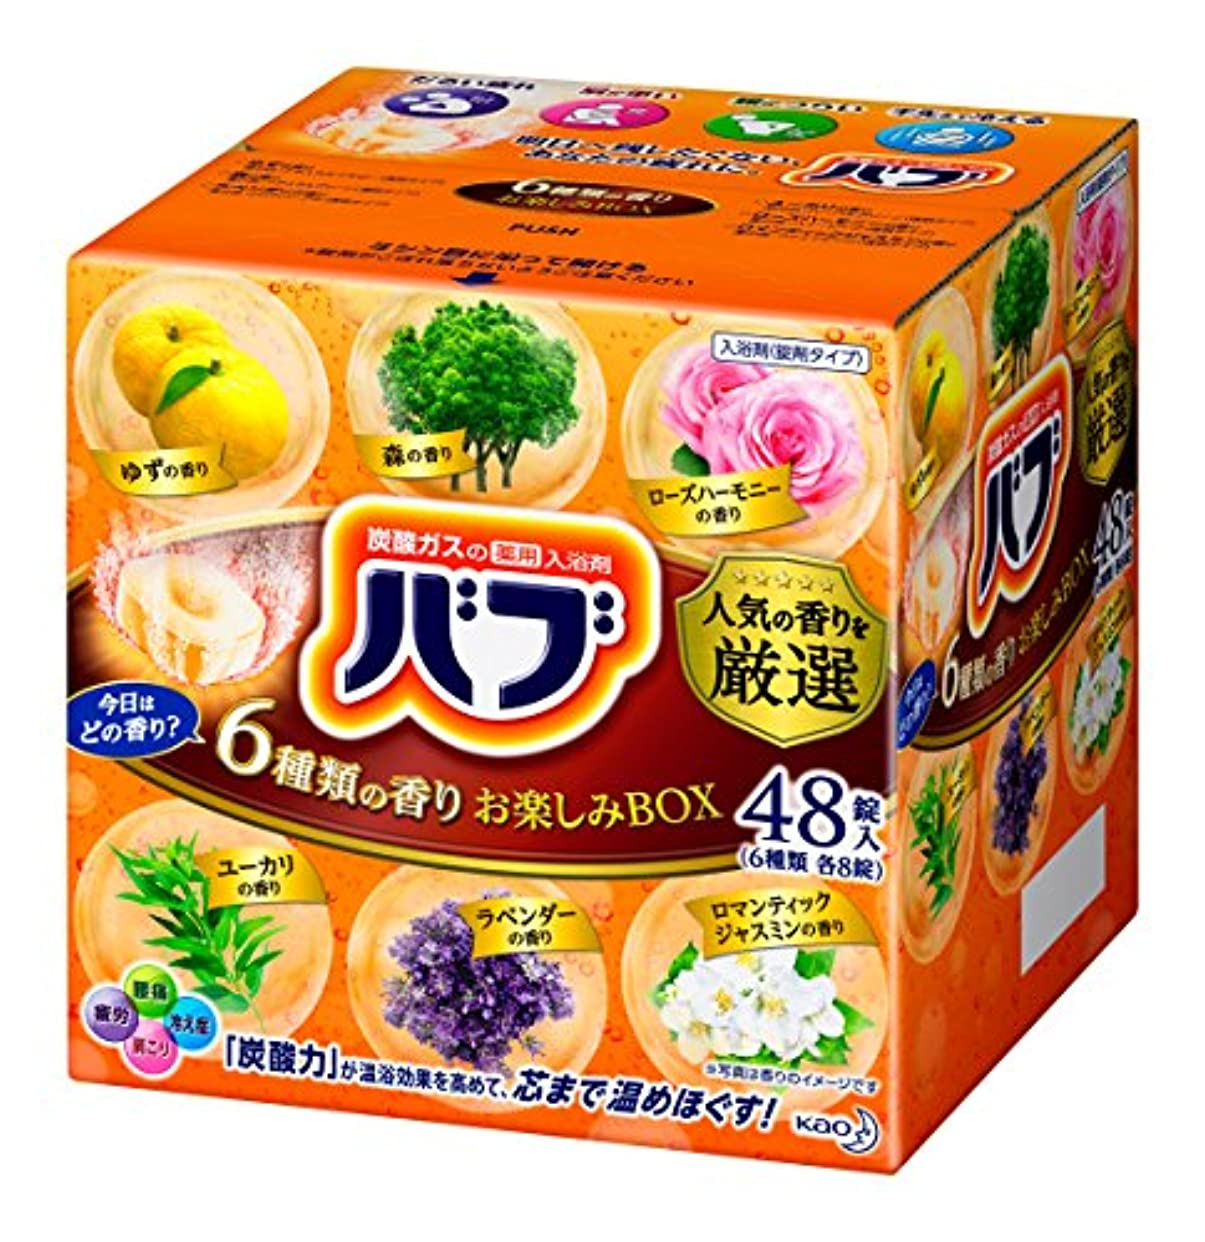 早熟打ち上げる後【大容量】バブ 6つの香りお楽しみBOX 48錠